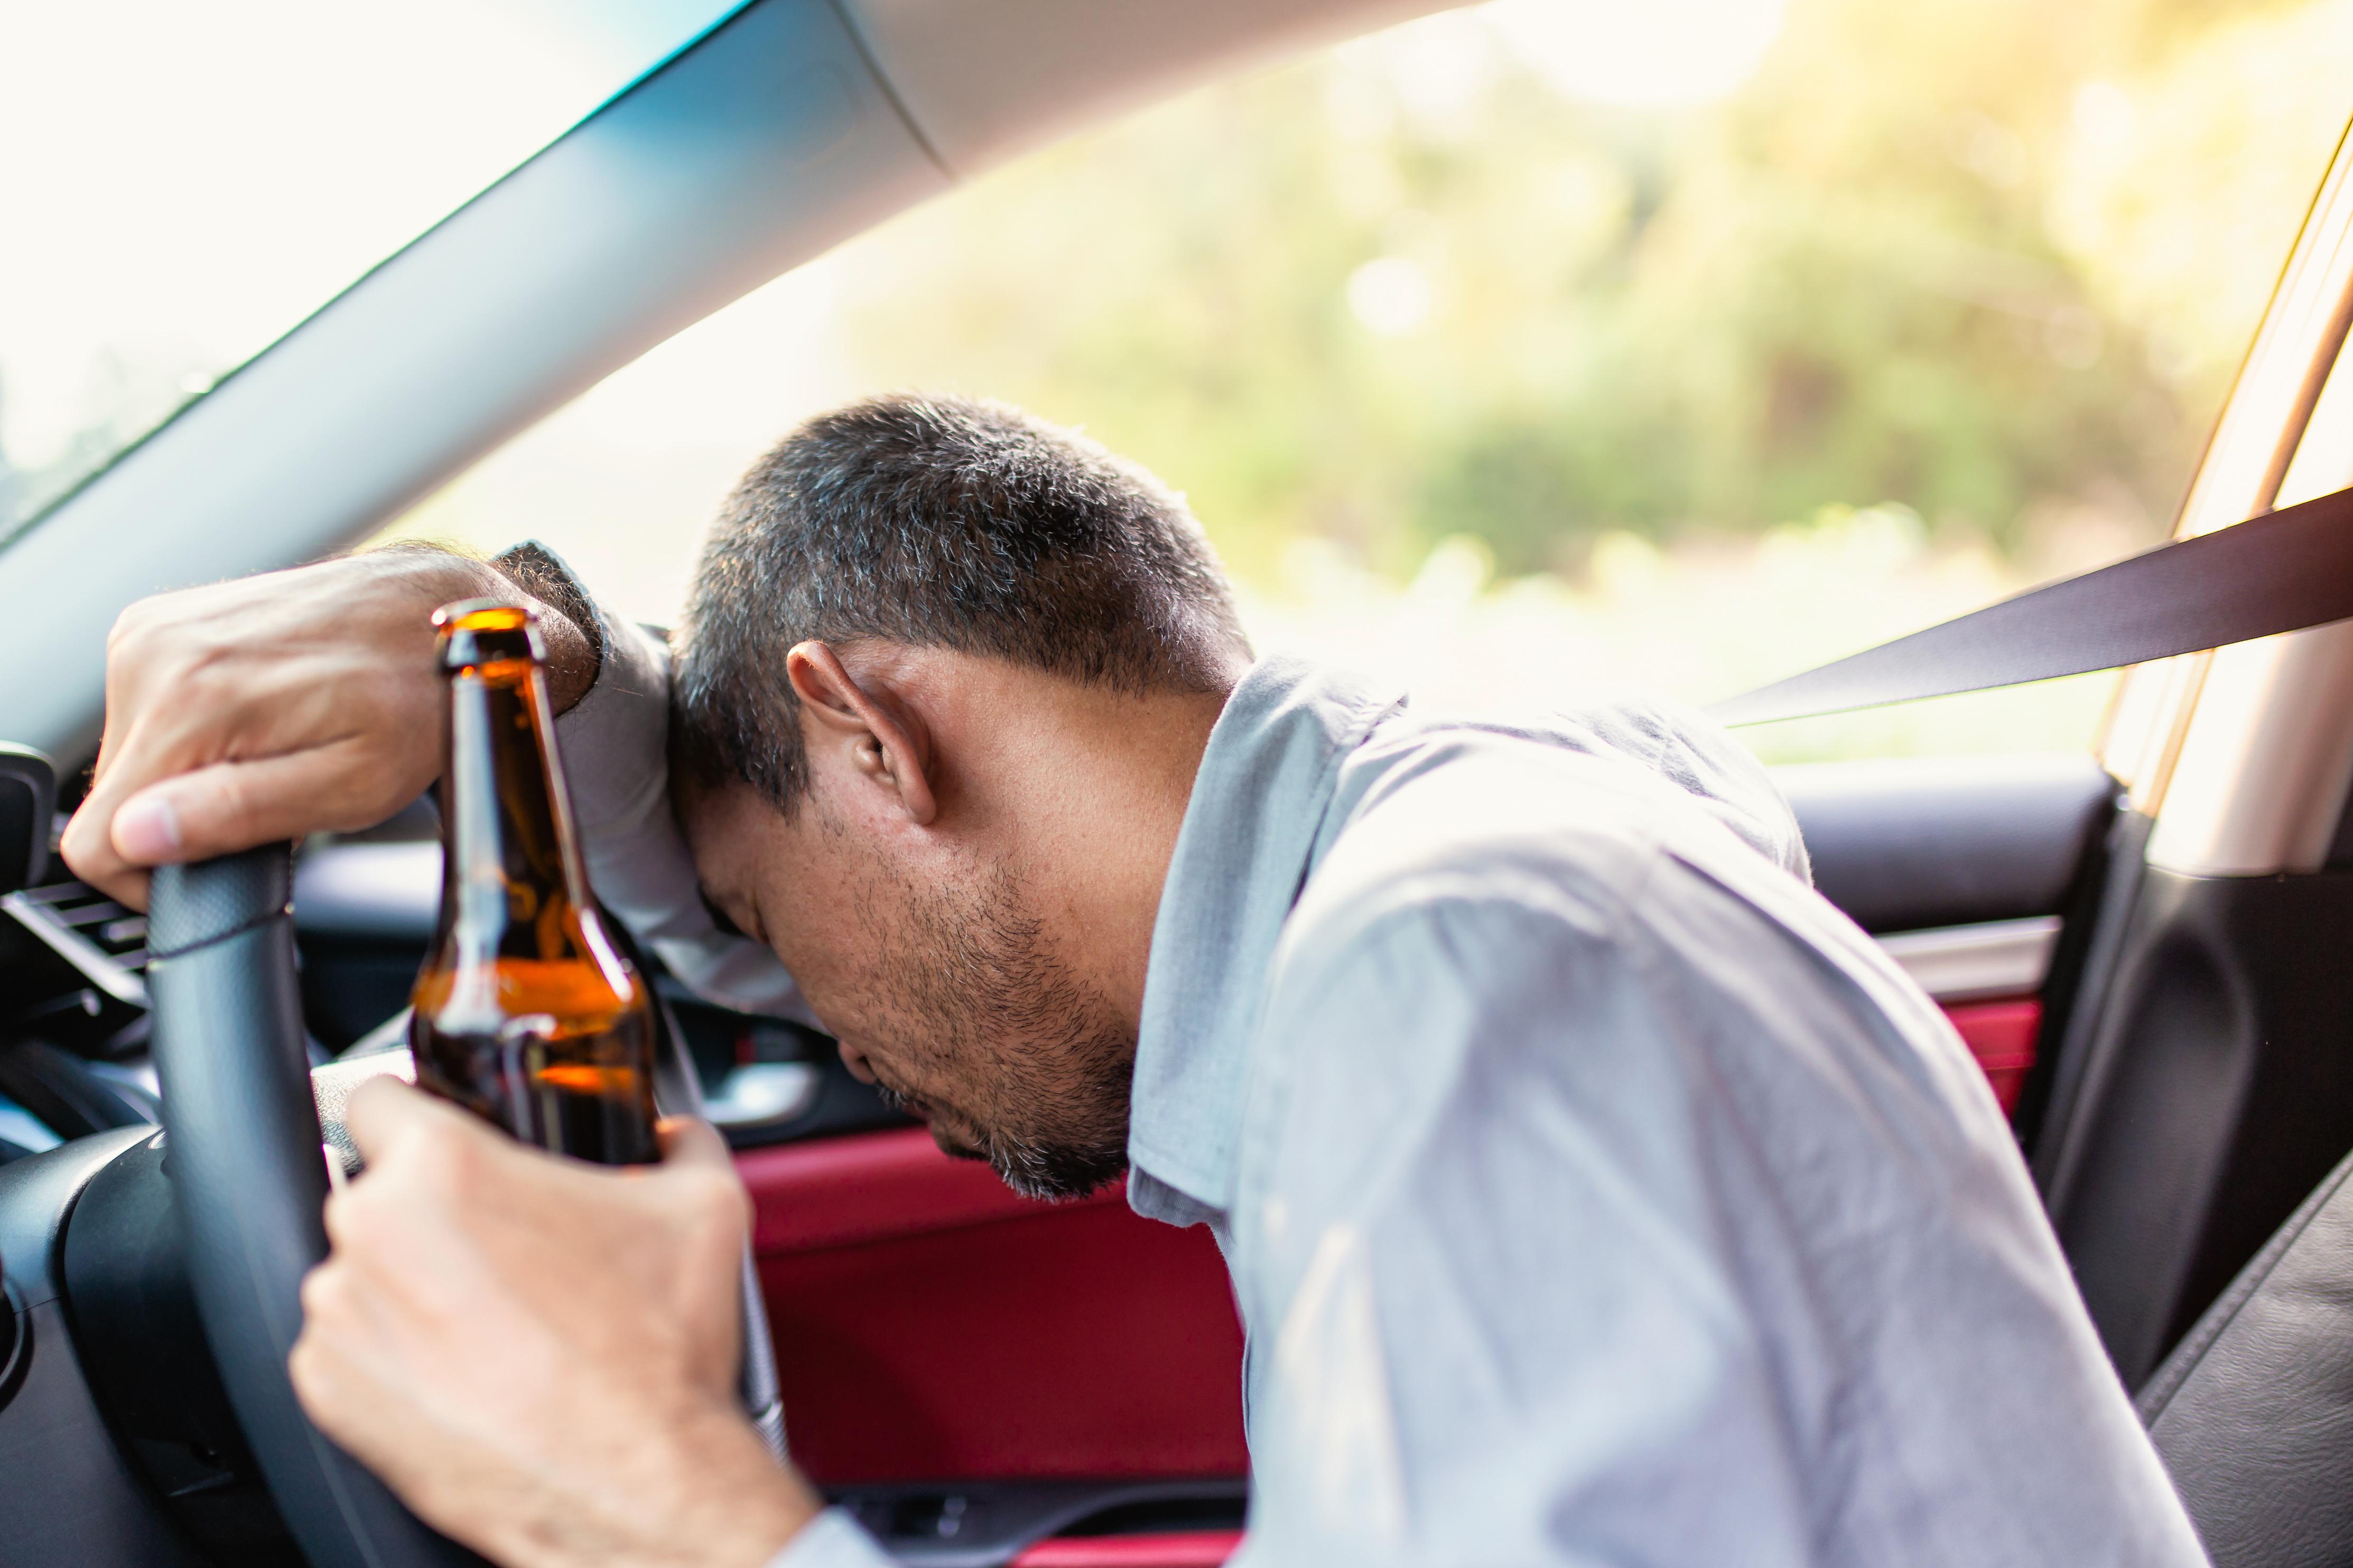 shutterstock_1063998809 alkoholberoende alkoholism anders åker doktorn hälsa medicin välbefinnande.jpg